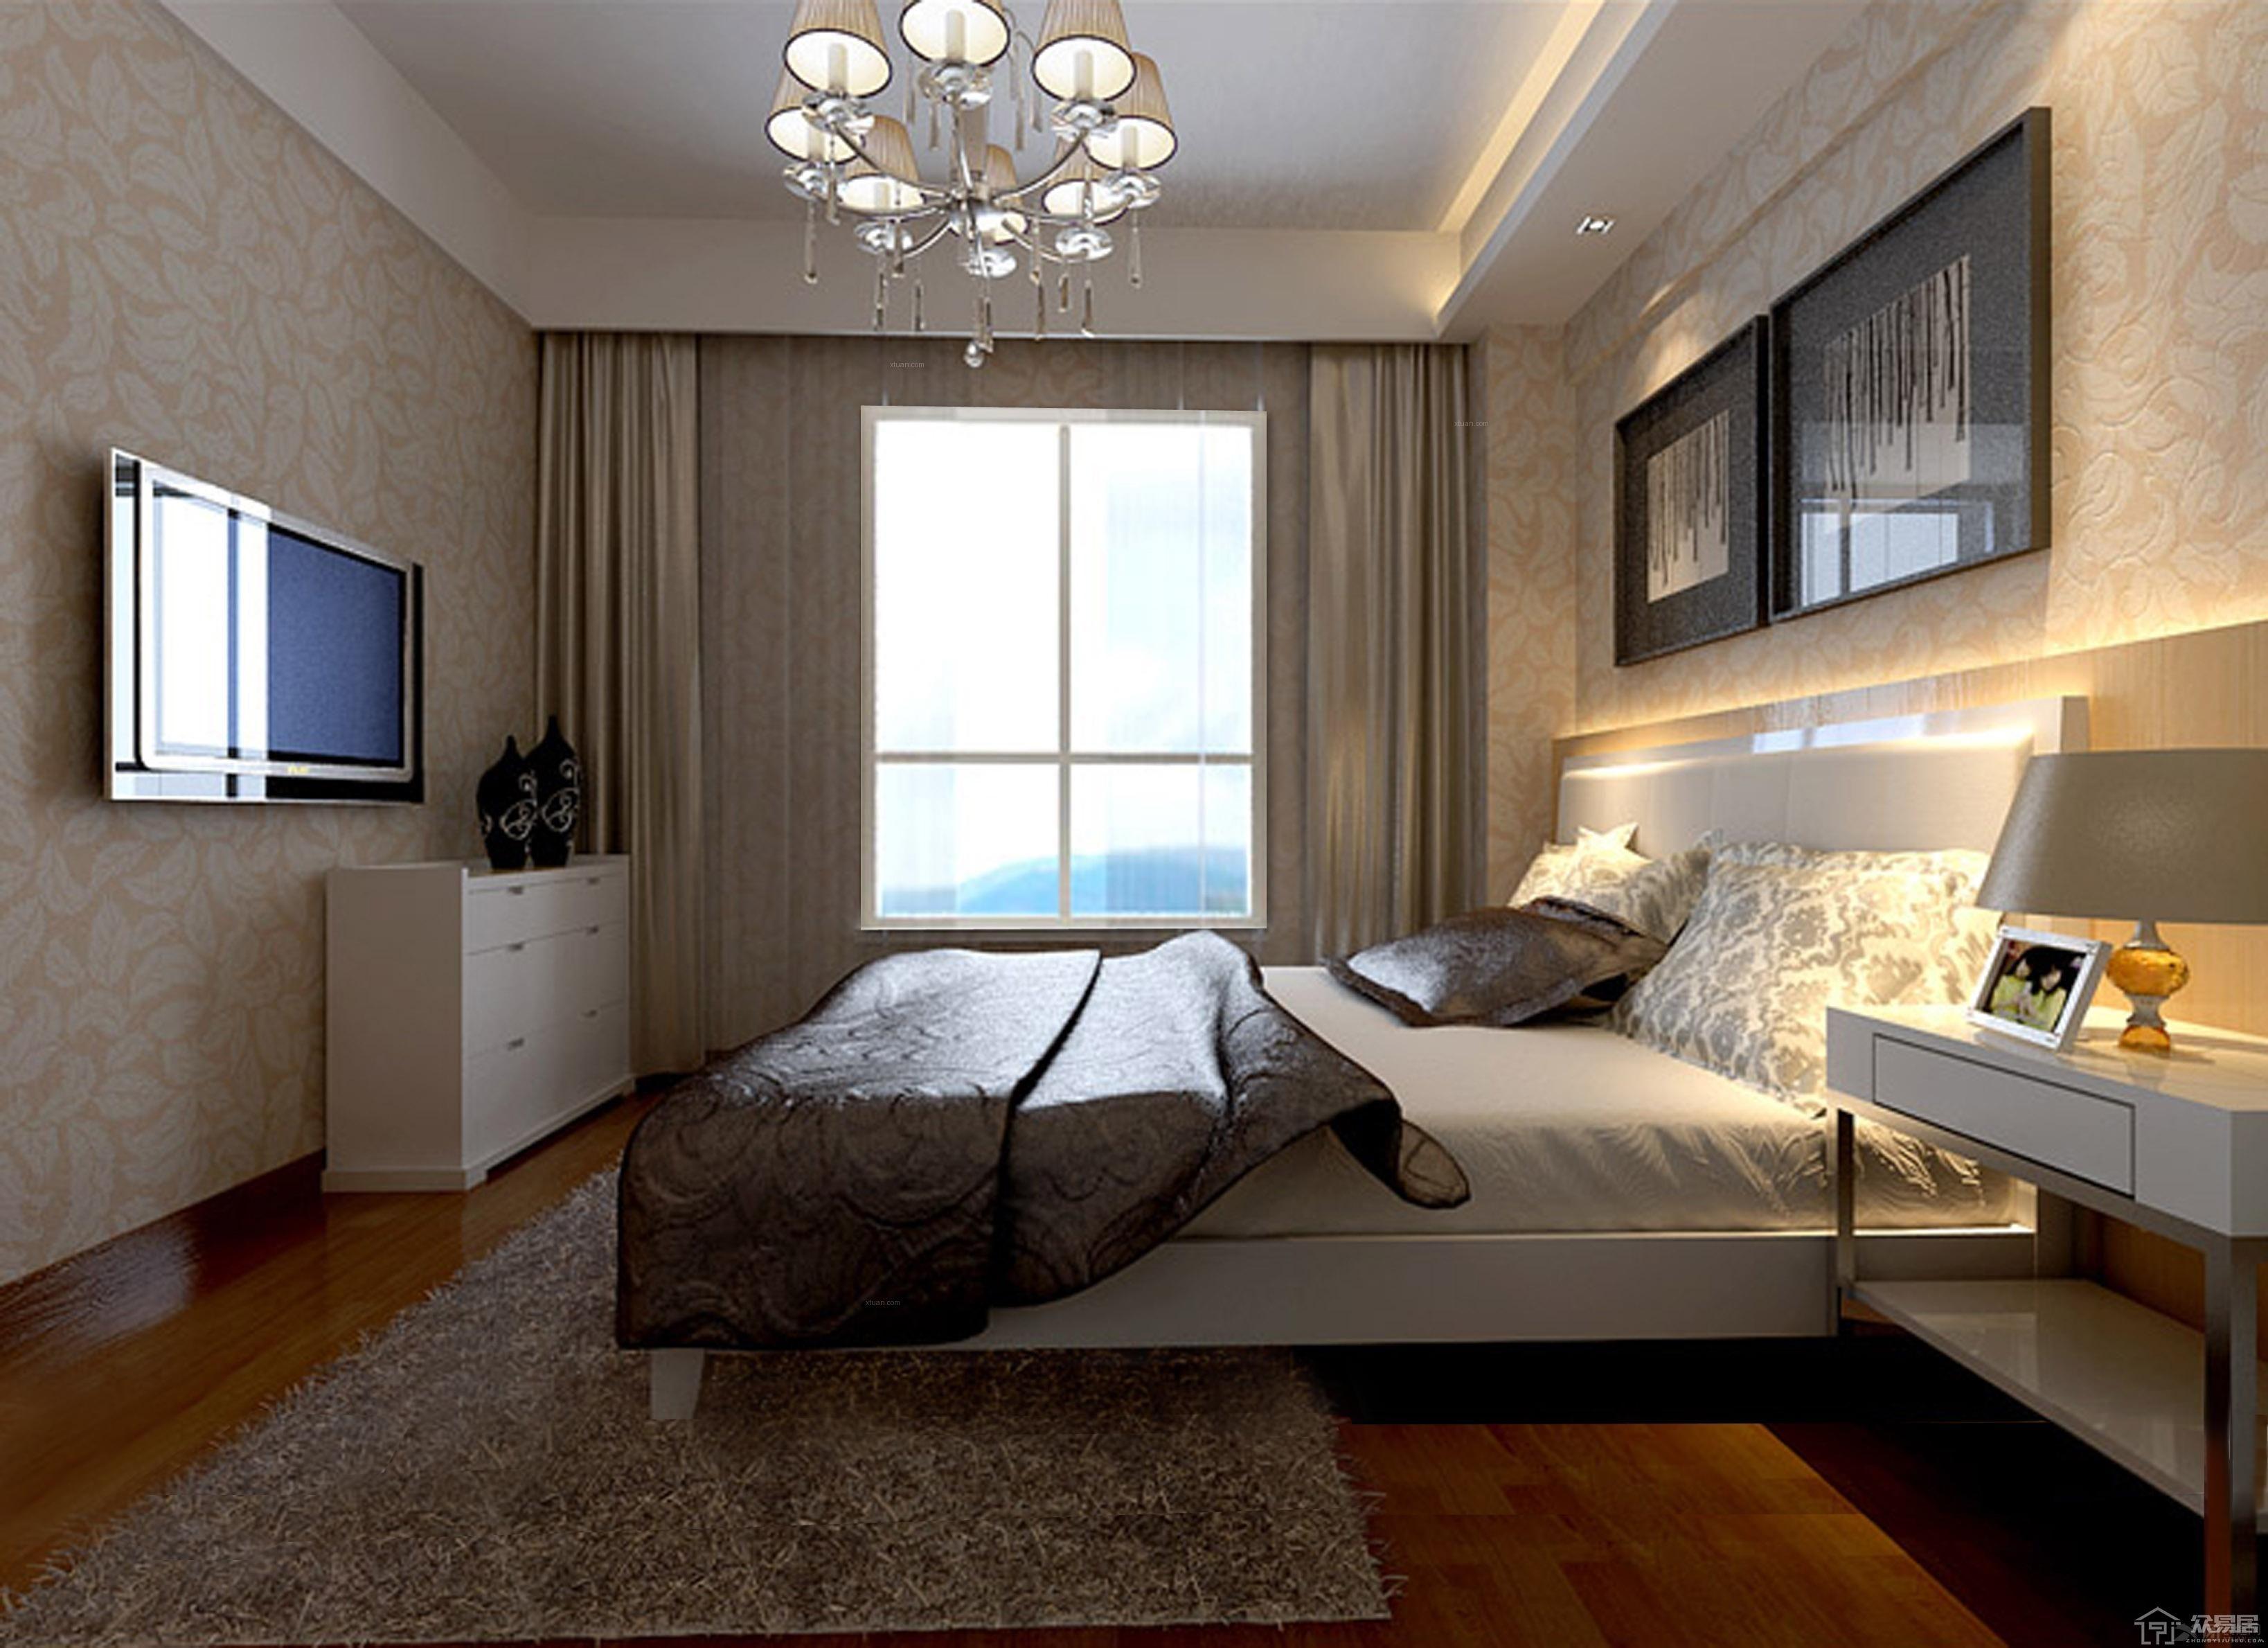 臥室裝修風水注意事項 臥室裝修有什么禁忌?